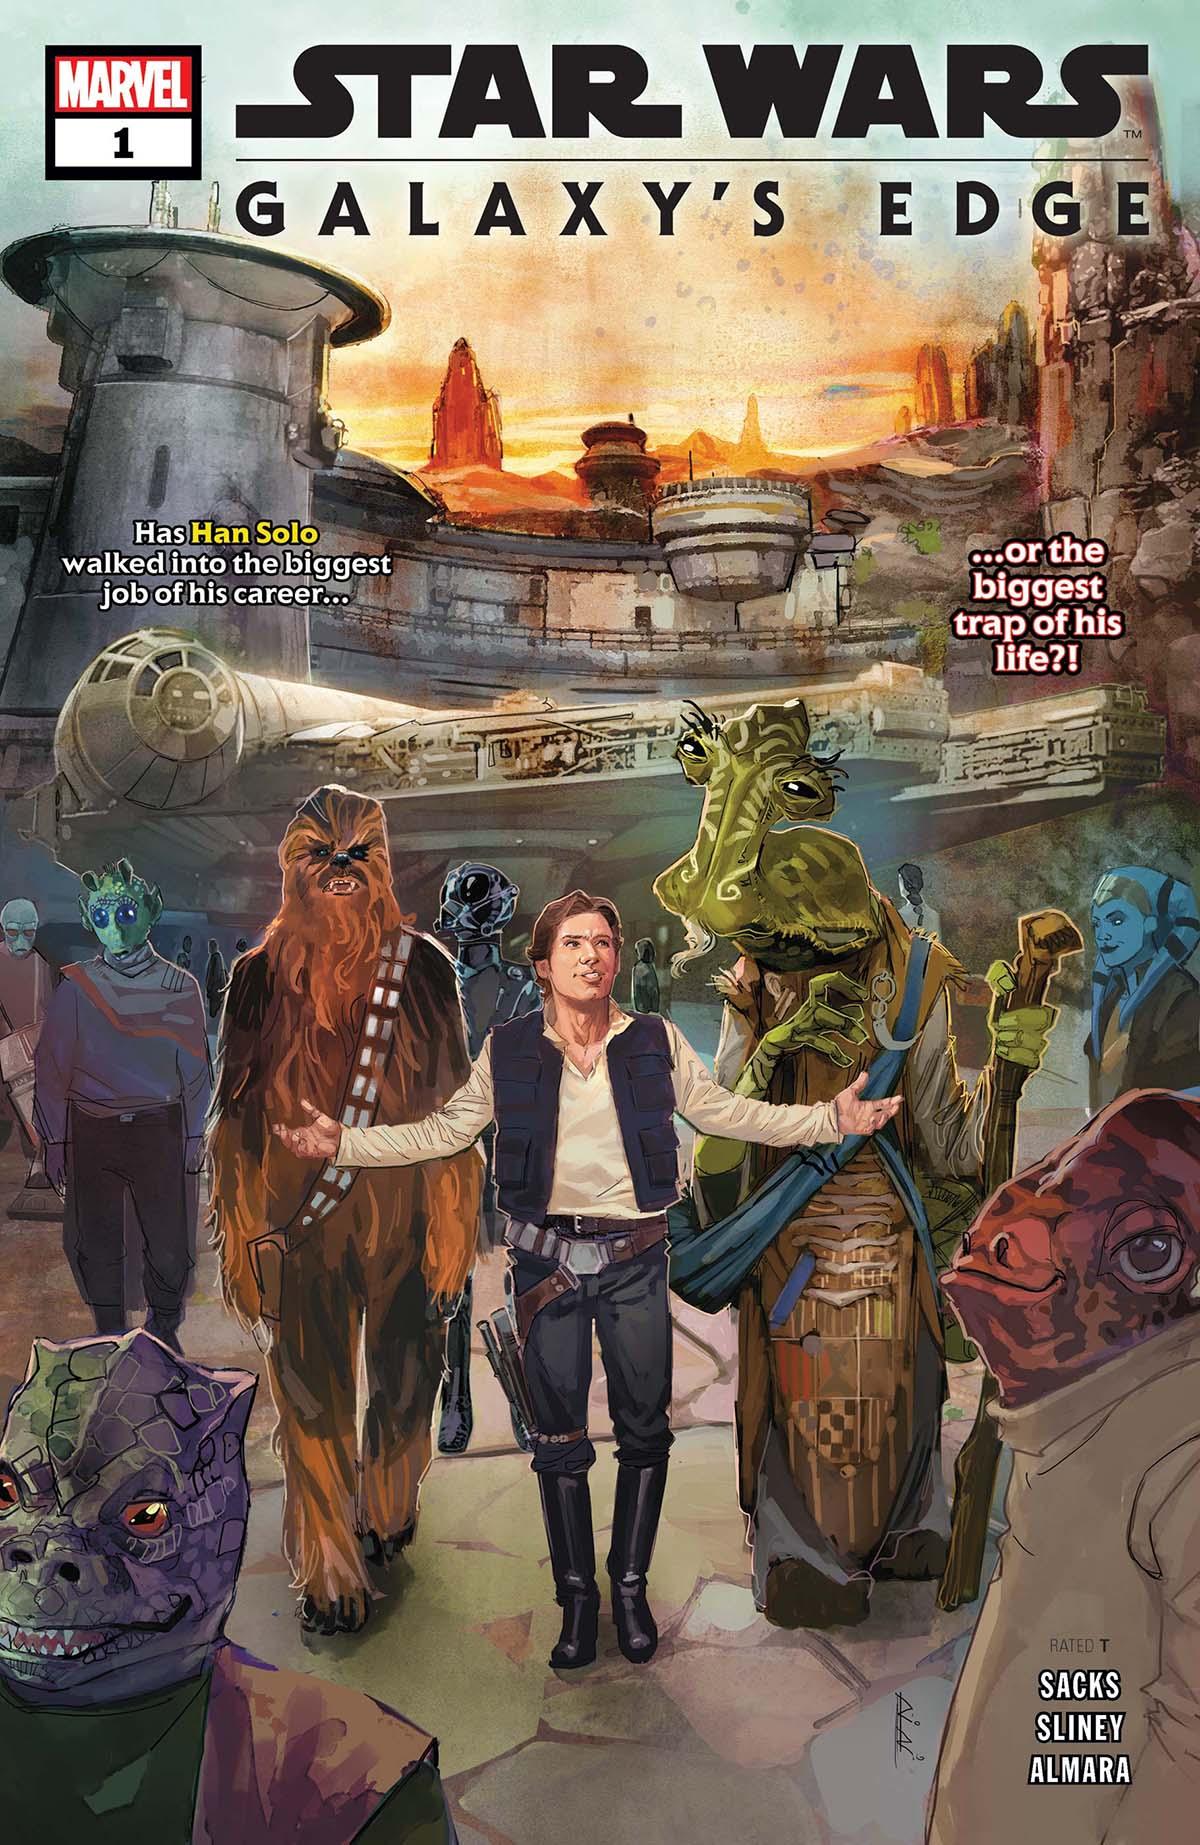 Star Wars_Galaxy's Edge (2019) #1.jpg